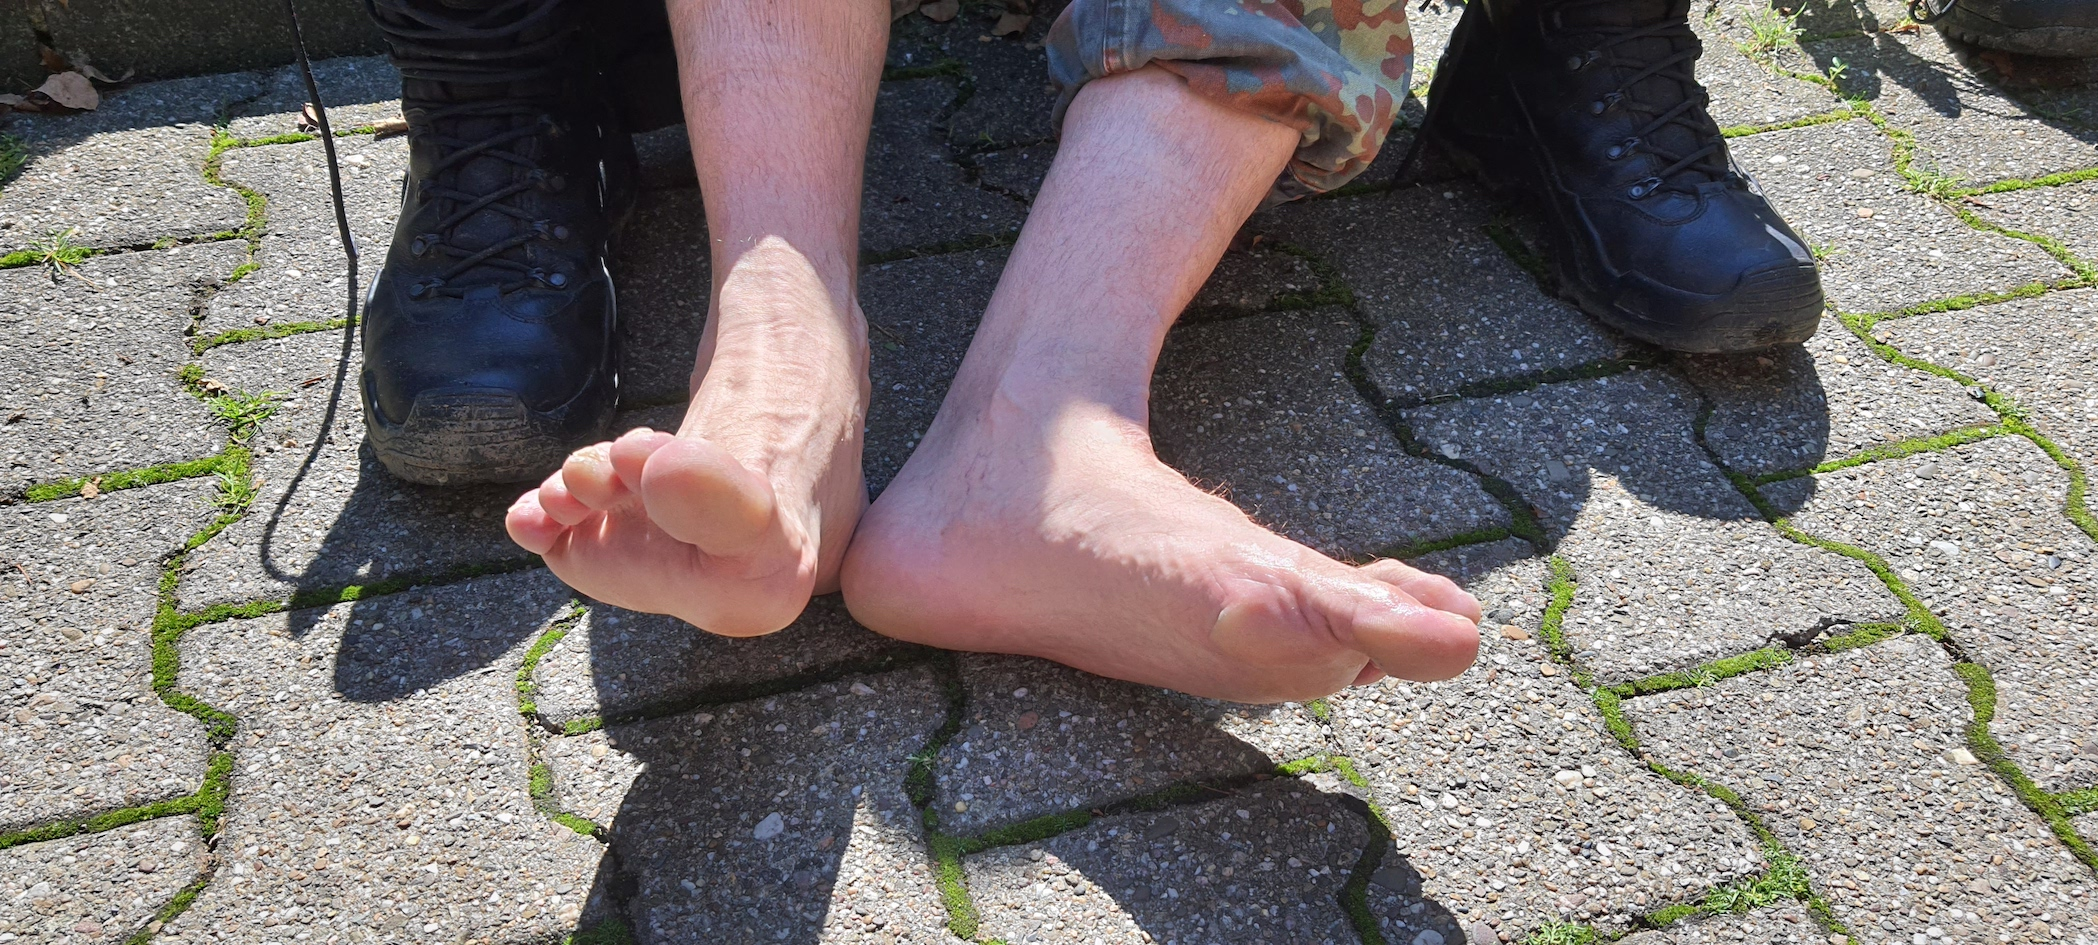 KM 14: Die Füße noch einwandfrei. Doch die -